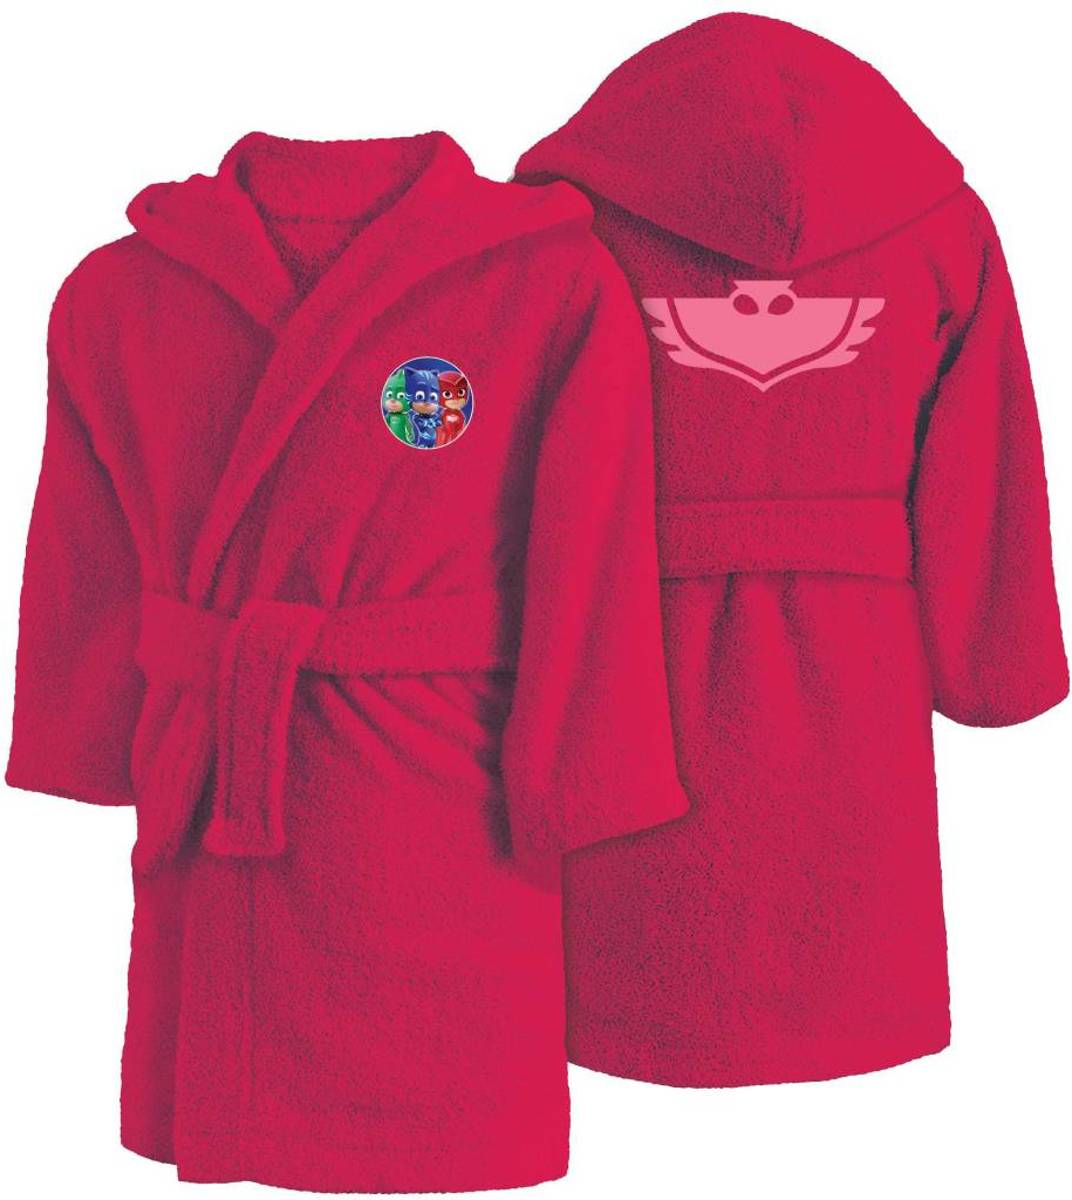 Pj masks owlette - badjas met capuchon - 2 / 4 jaar - roze